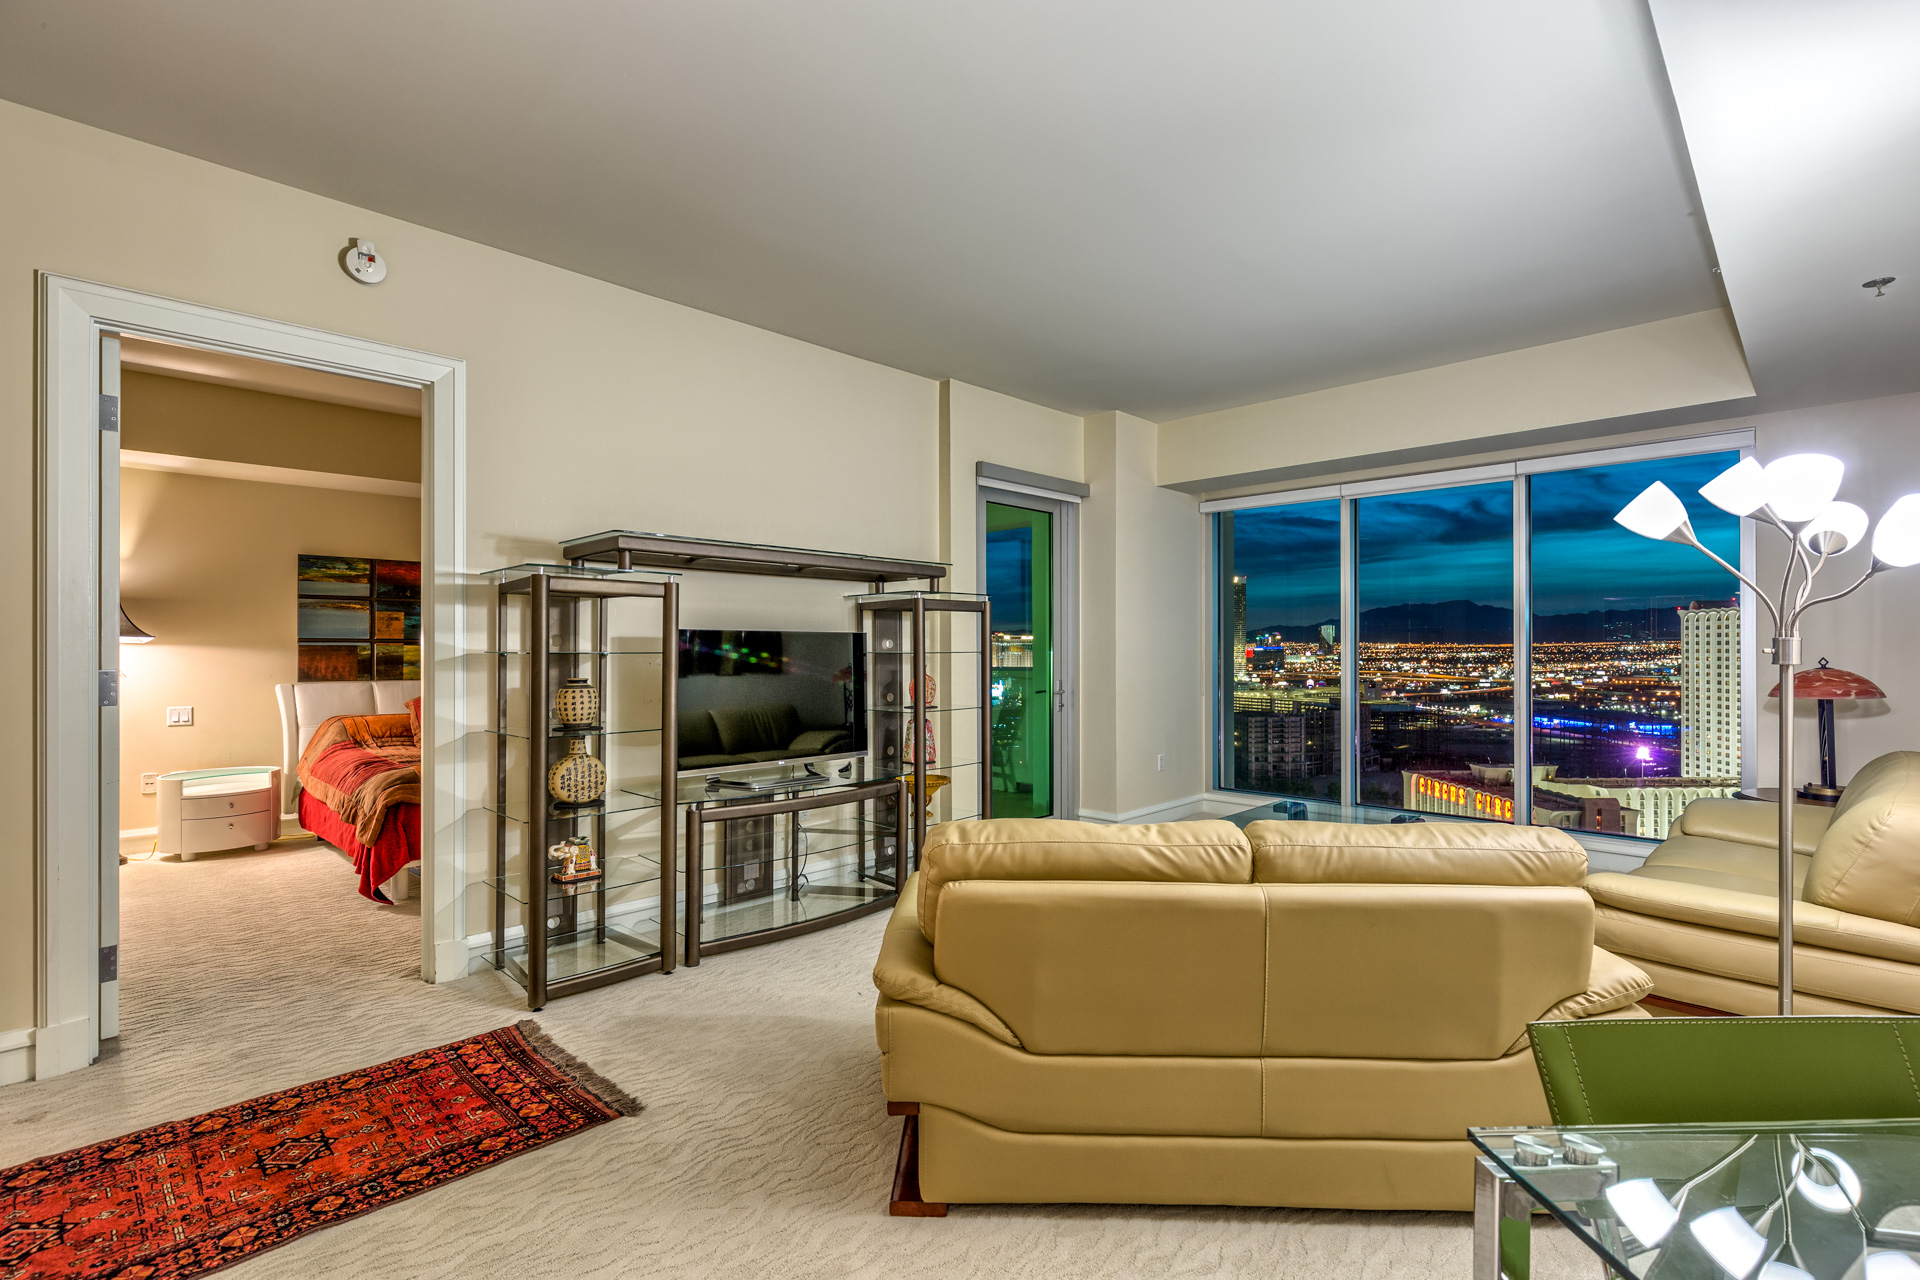 sky-las-vegas-condos-2610-living-room